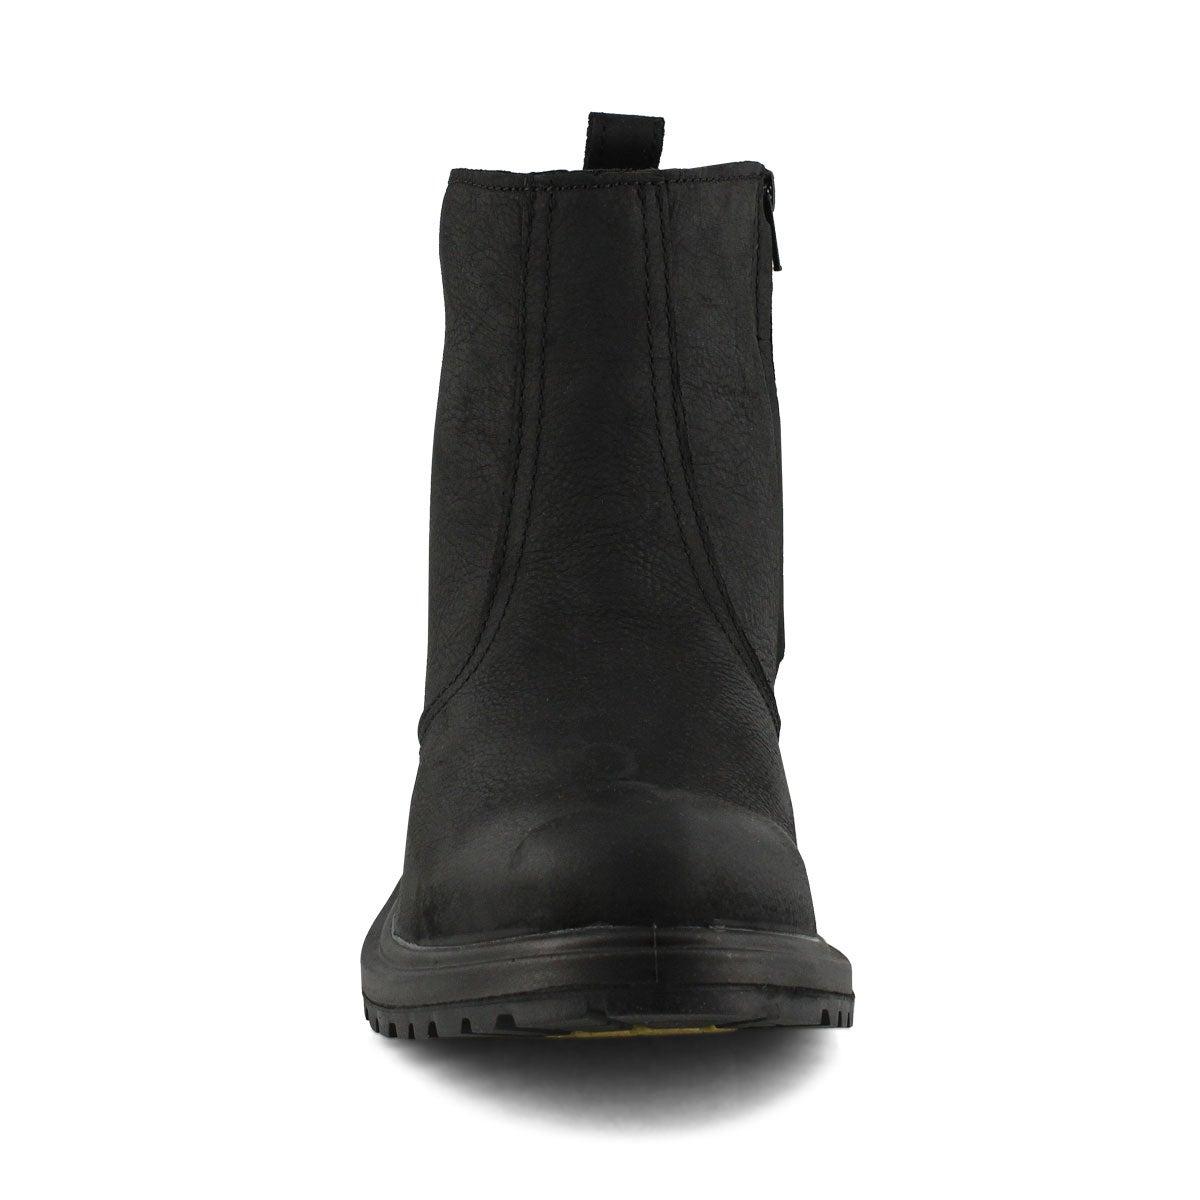 Men's Rider Waterproof Chelsea Boot - Black